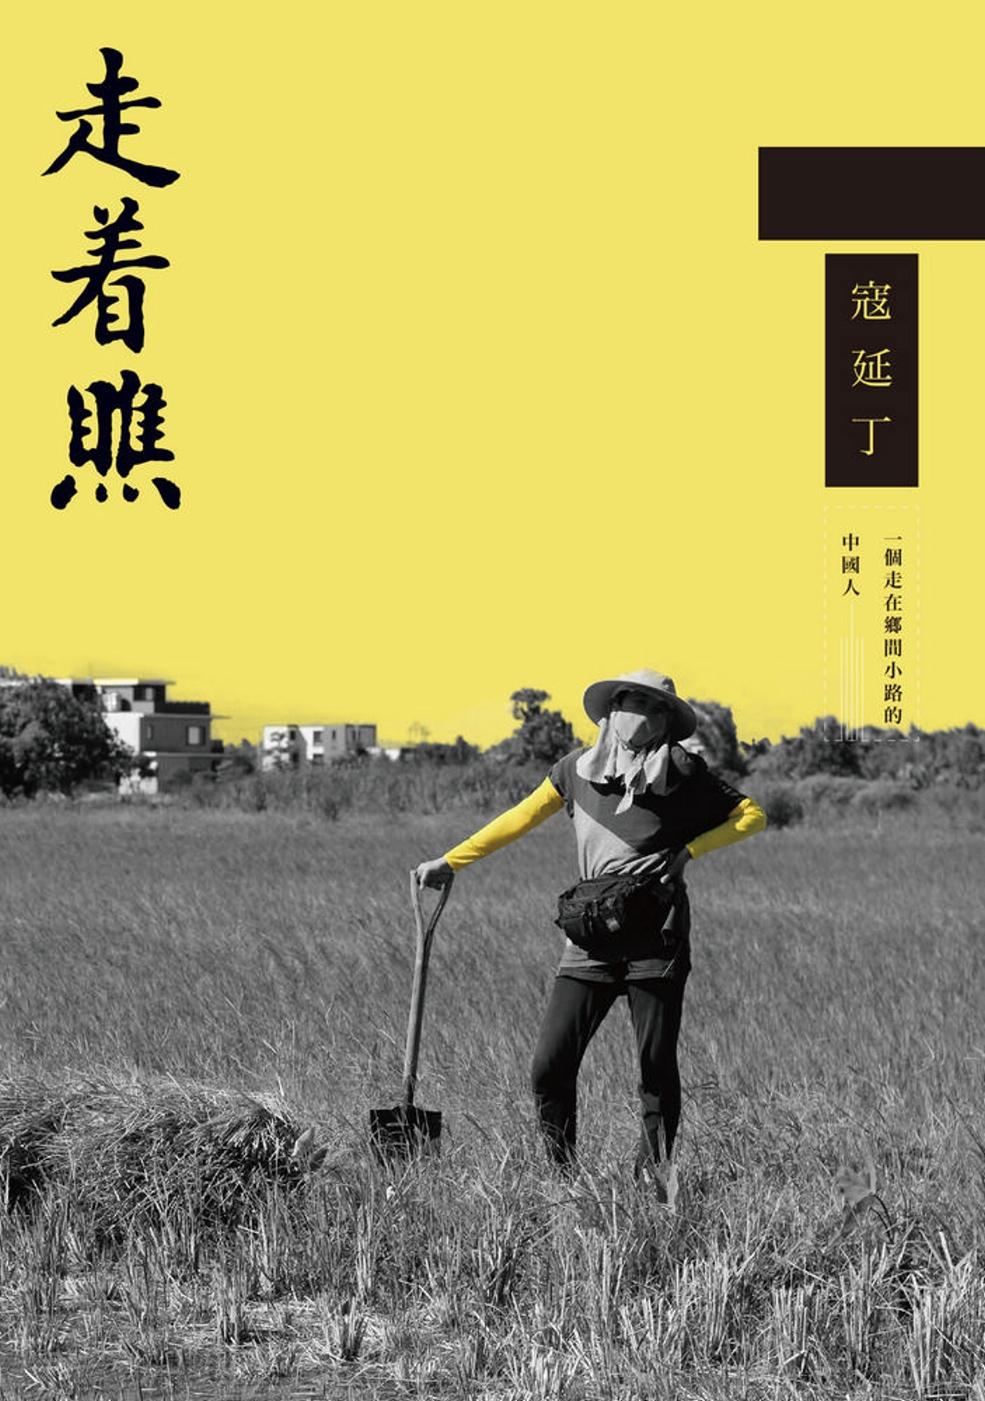 走著瞧:一個走在鄉間小路的中國人